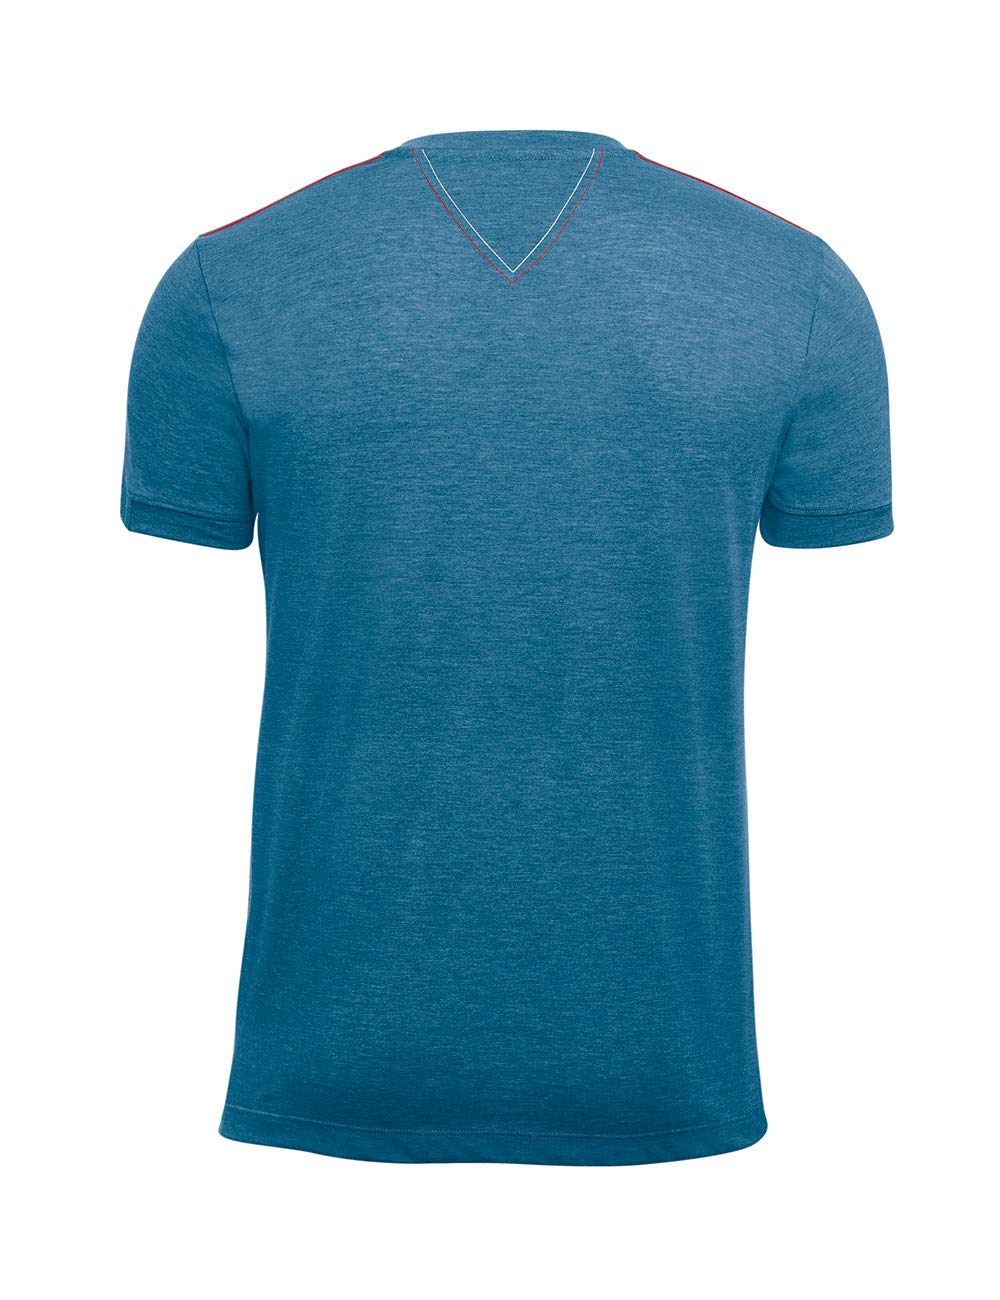 Maier Sports Herren Doolin Doolin Doolin T-Shirt Funktionsshirt B07CQ25636 T-Shirts Angemessener Preis 55c0d2